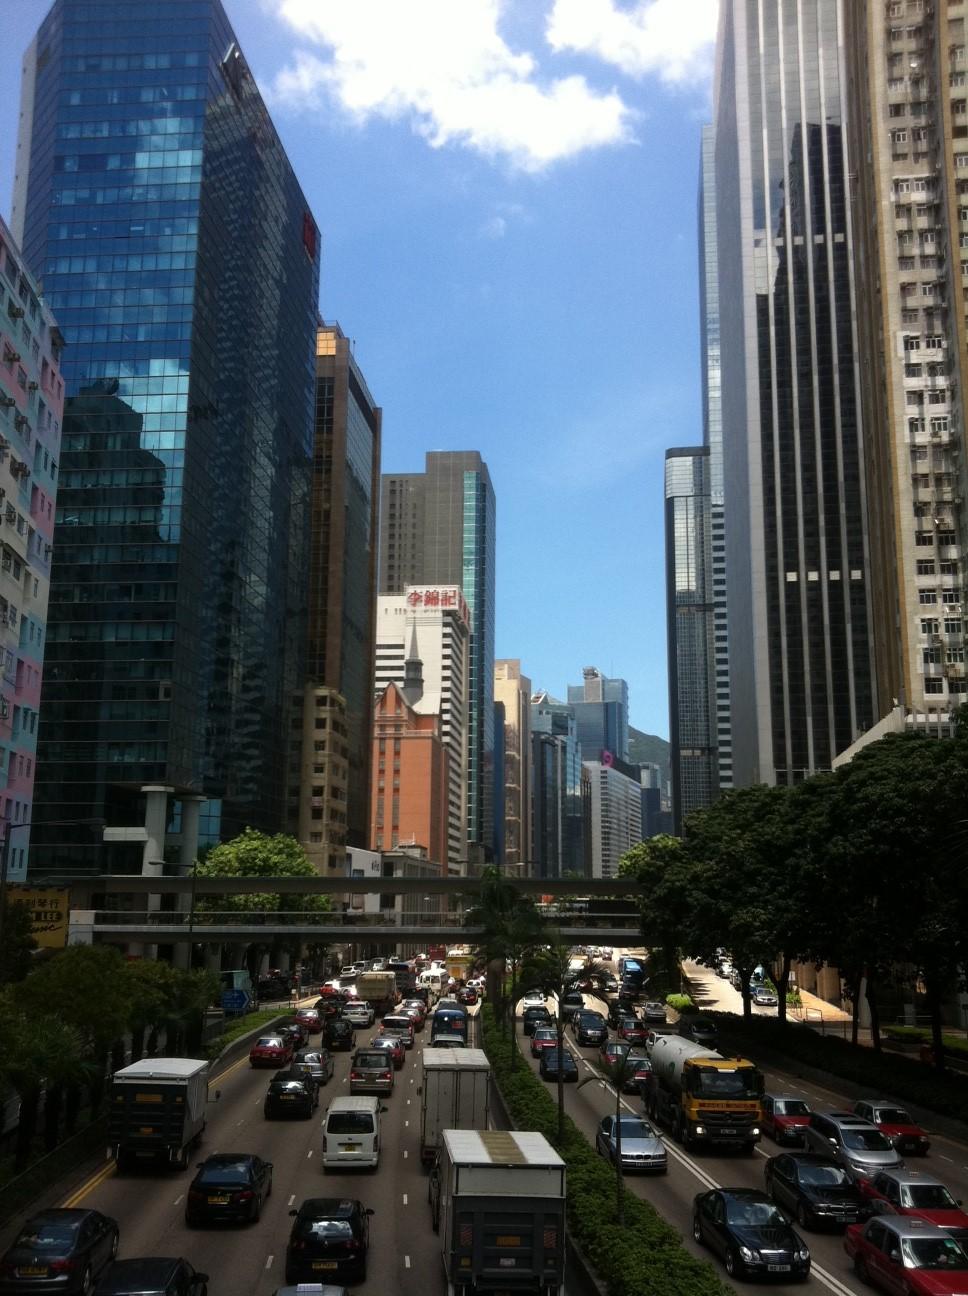 帰国先の街の写真が届きました~。海外の大都会にお住まいです。バリ島は大違いですね~。